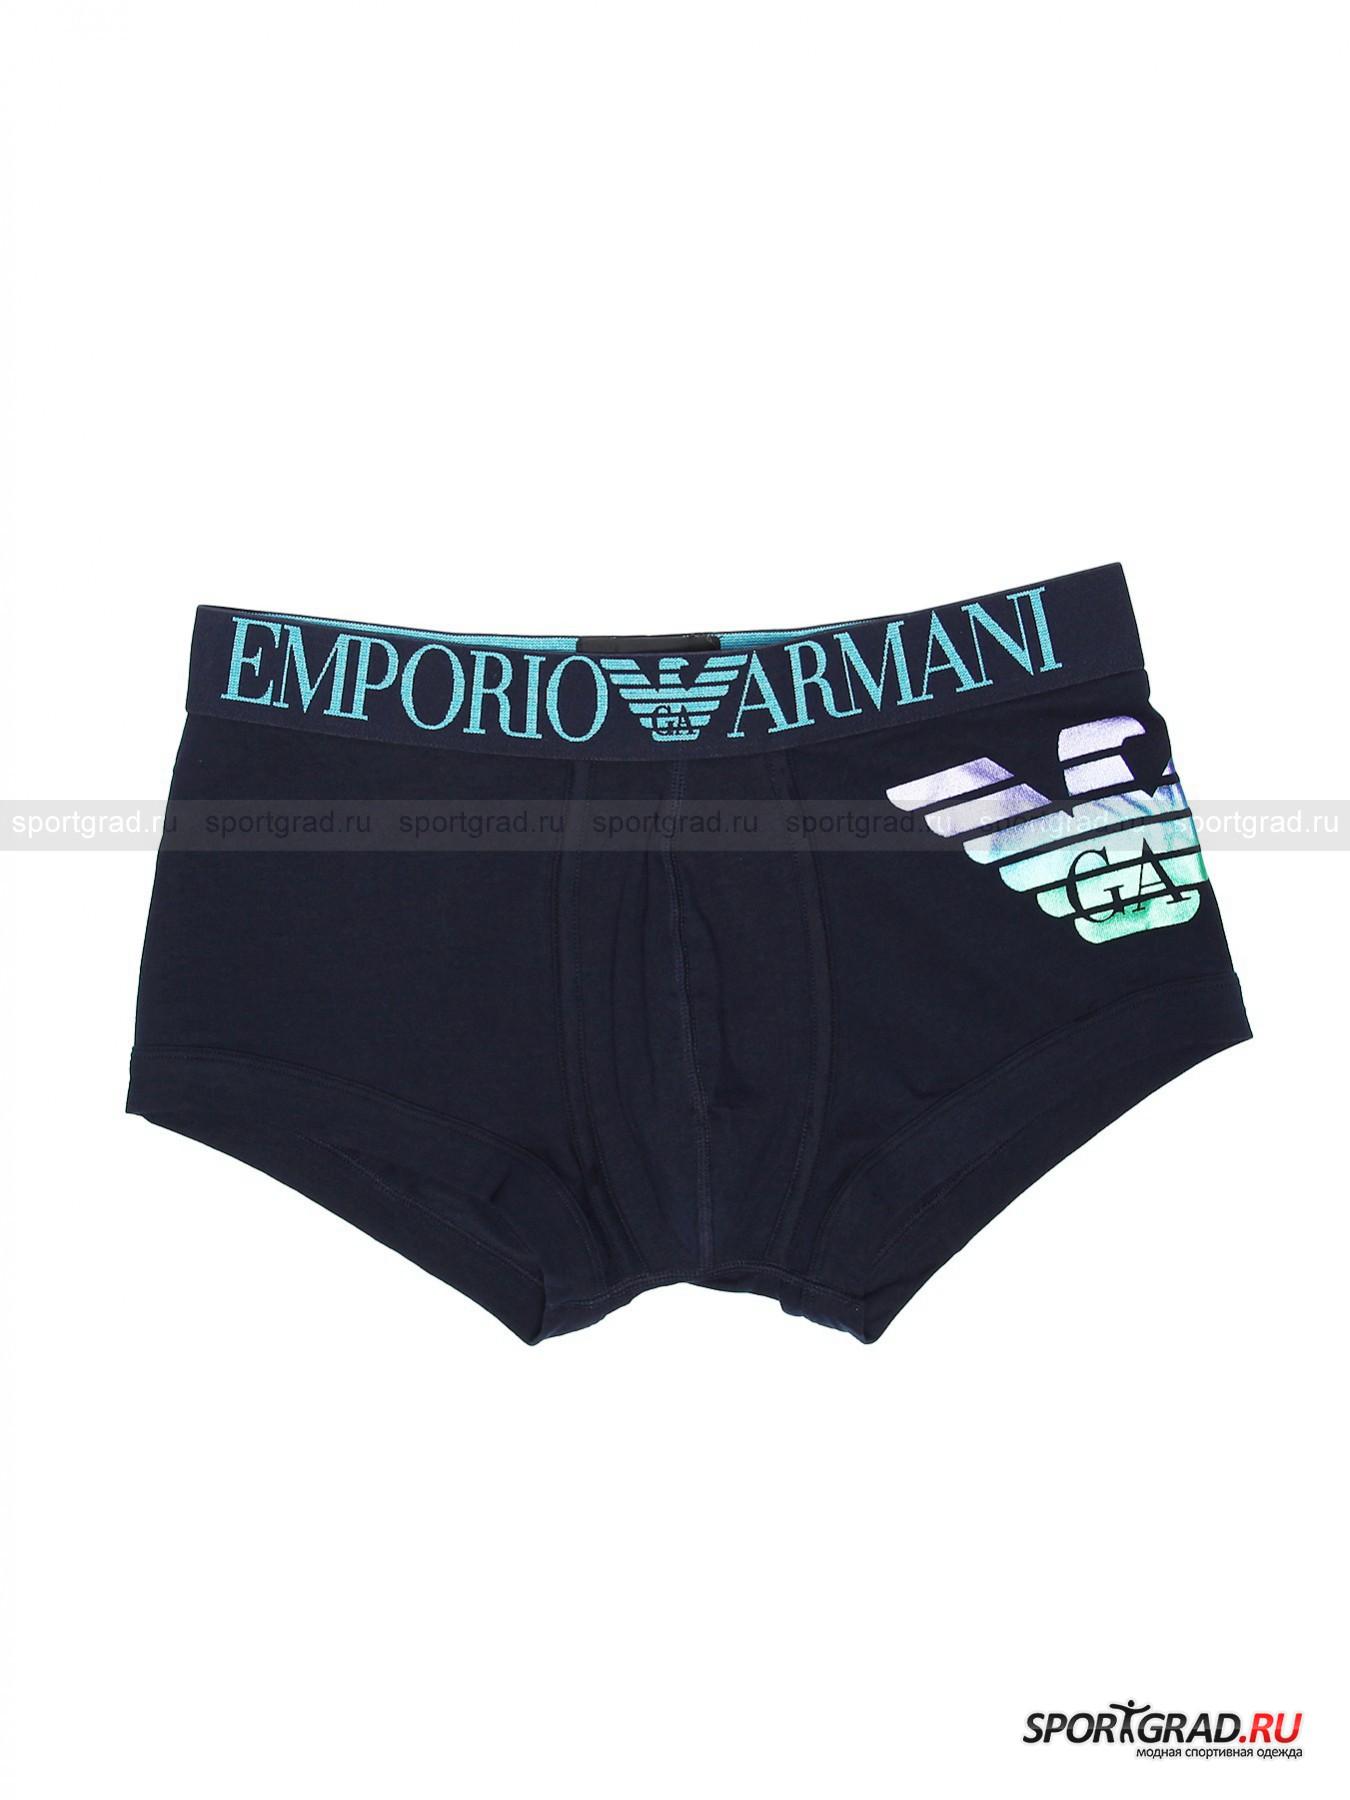 Трусы мужские Trunk Empoio Armani